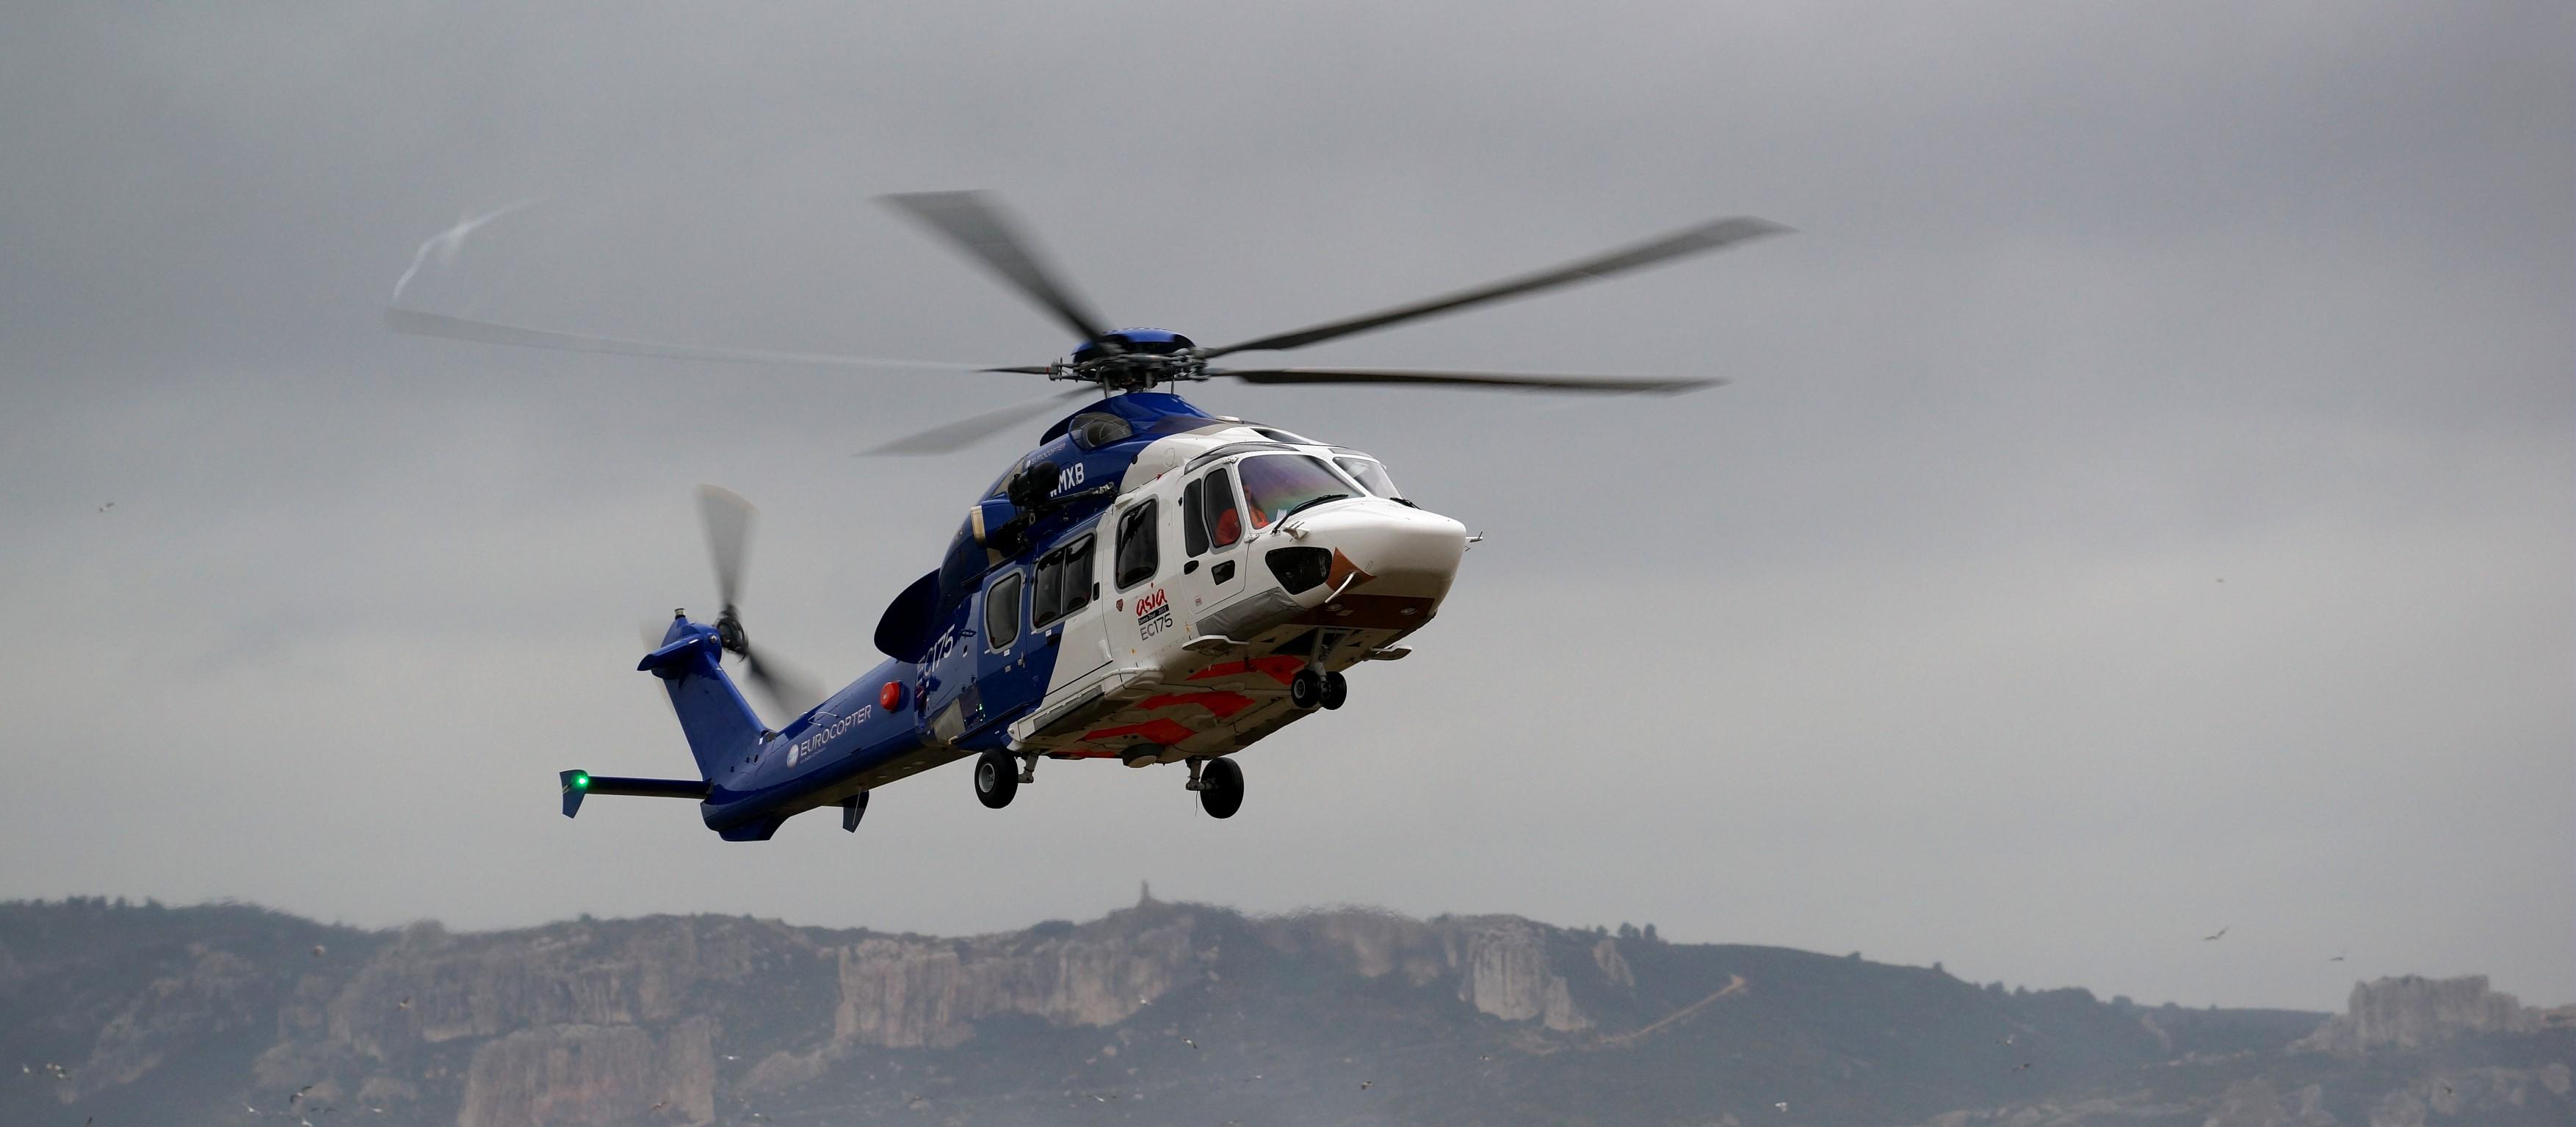 """2014年3月26日,法国巴黎——空客直升机和中航工业直升机公司(中航工业集团专业化生产直升机的板块)签署了共同生产1000架新一代EC175/AC352旋翼机的协议。在巴黎爱丽舍宫,这一协议在法国总统奥朗德和到访的中国国家主席习近平的见证下签署。   该协议加强了空客直升机和中航工业在共同研发的EC175/AC352项目上的工业合作。   空客直升机首席执行官GuillaumeFaury先生表示:""""今日签署的协议是双方团队过去几年密切合作的结果。它为我们双方开启"""